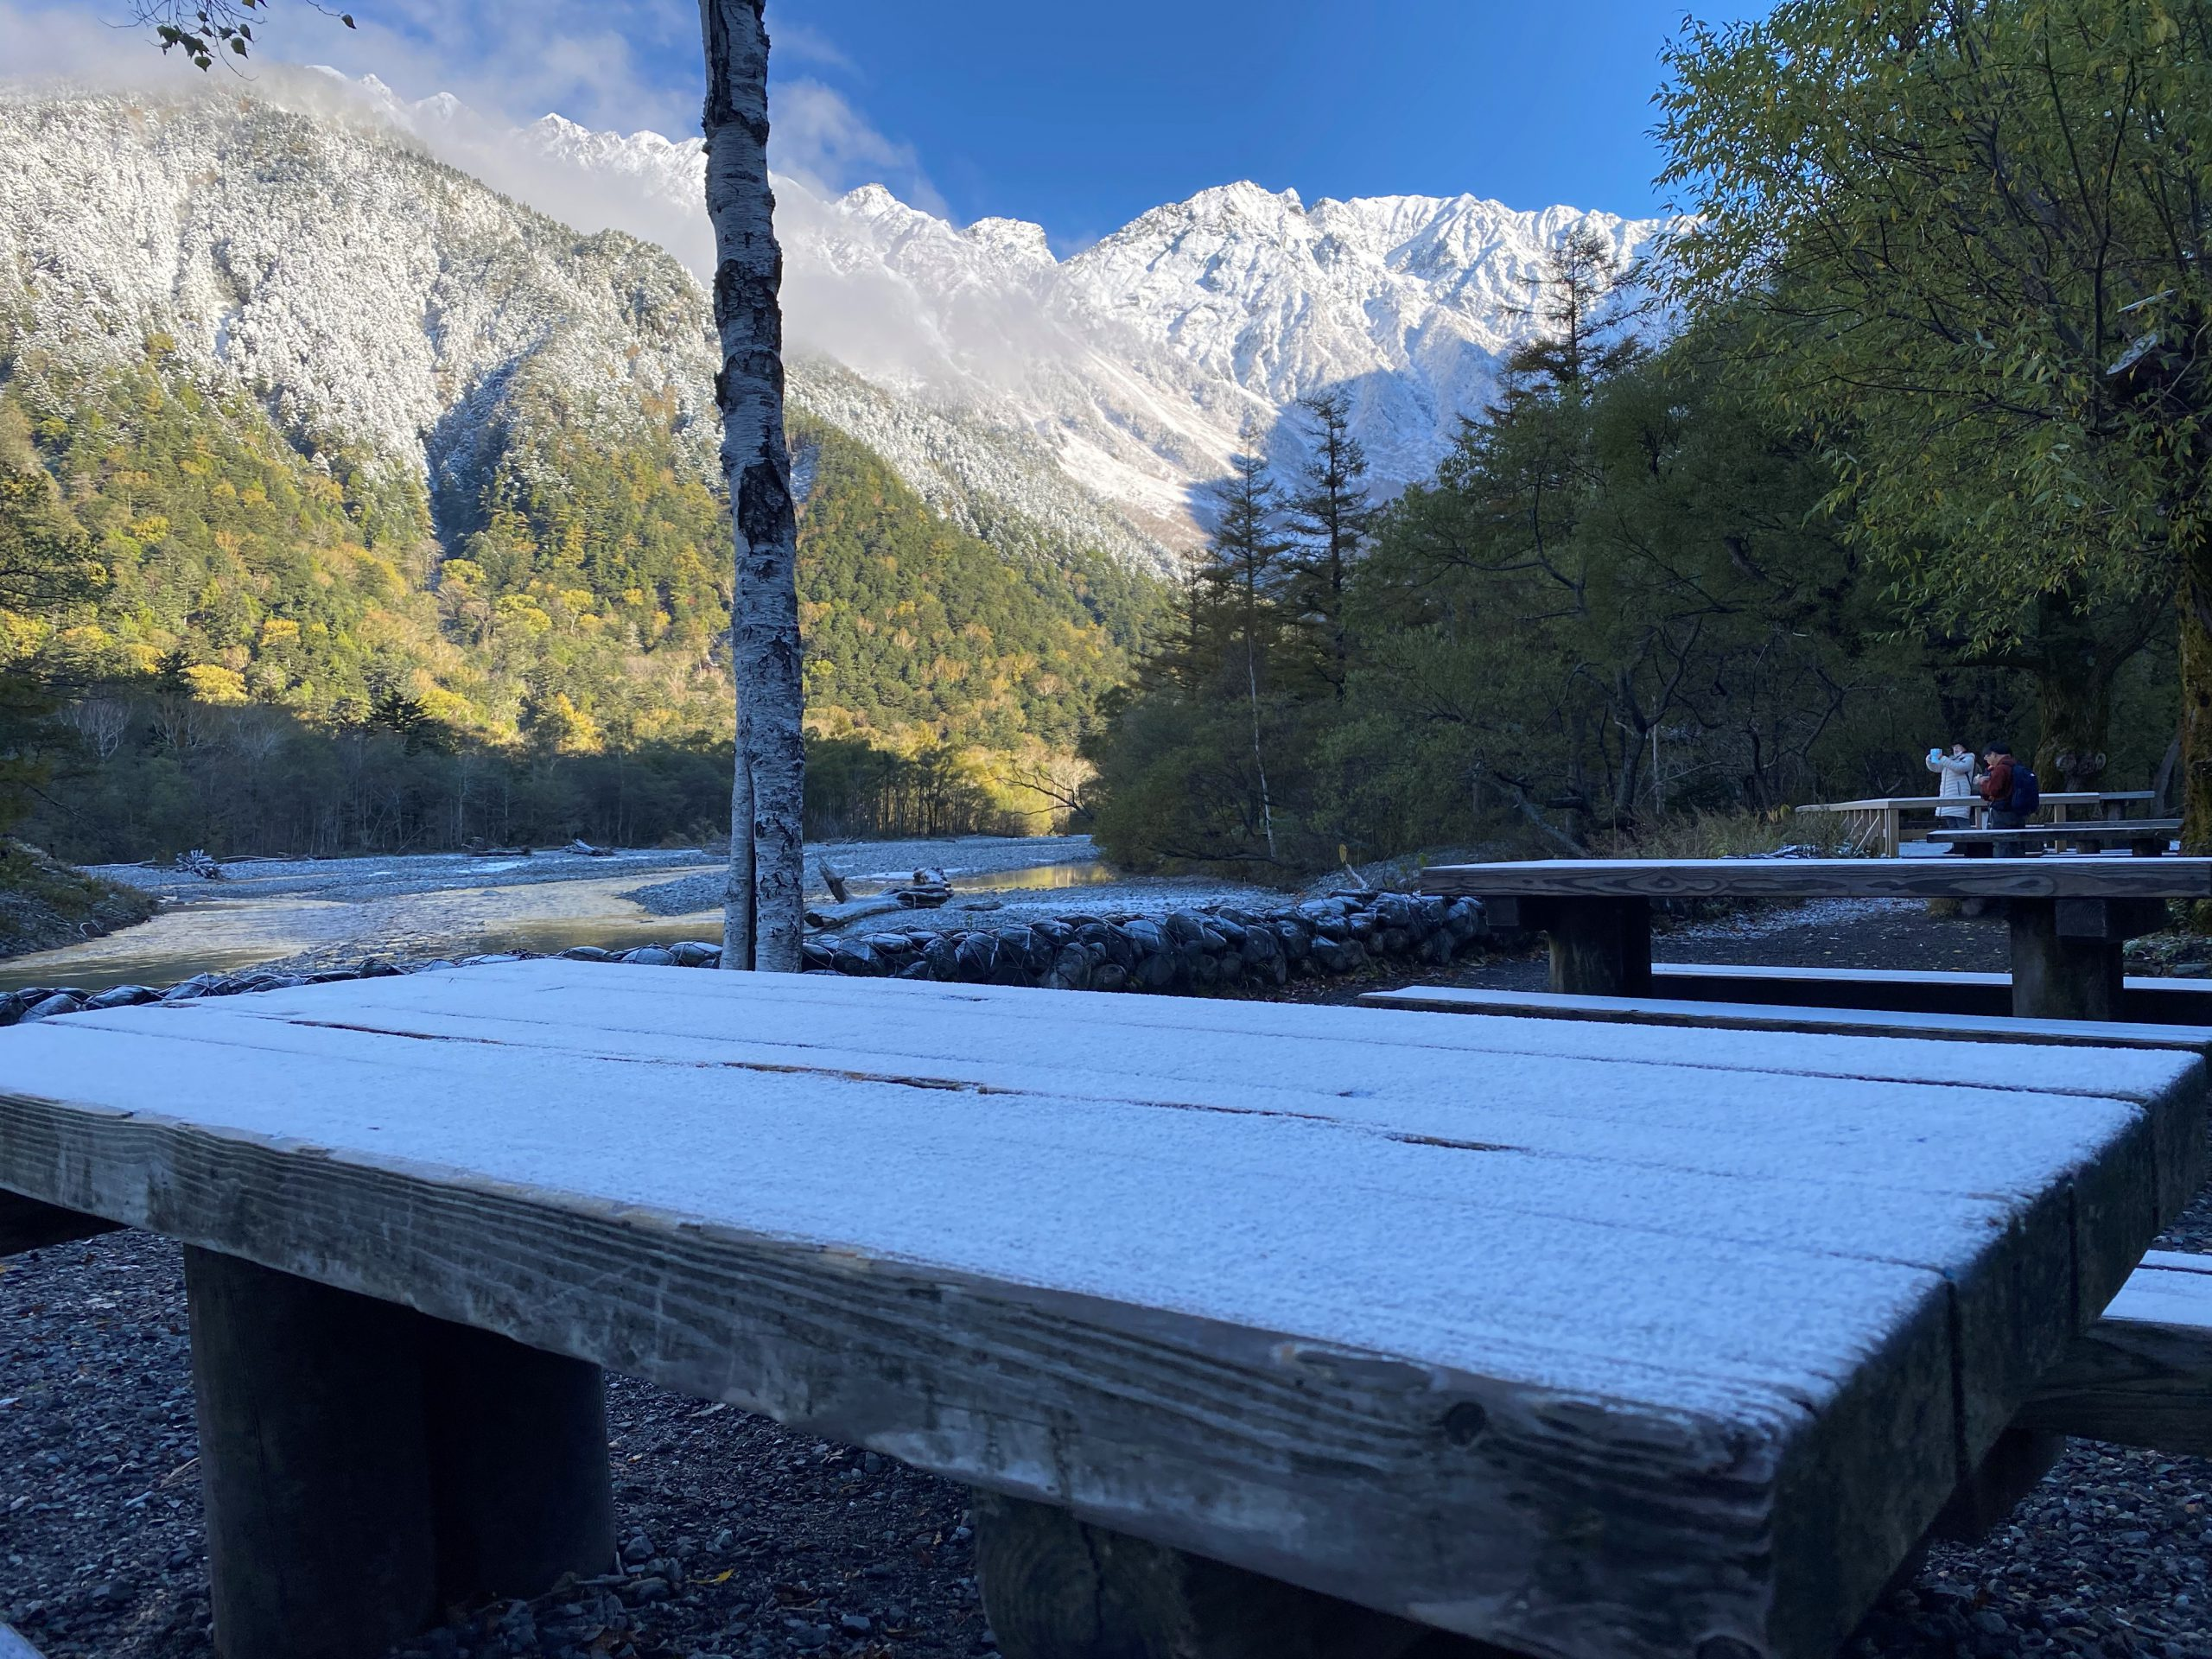 10月下旬、初雪の上高地から眺める冠雪した穂高連峰